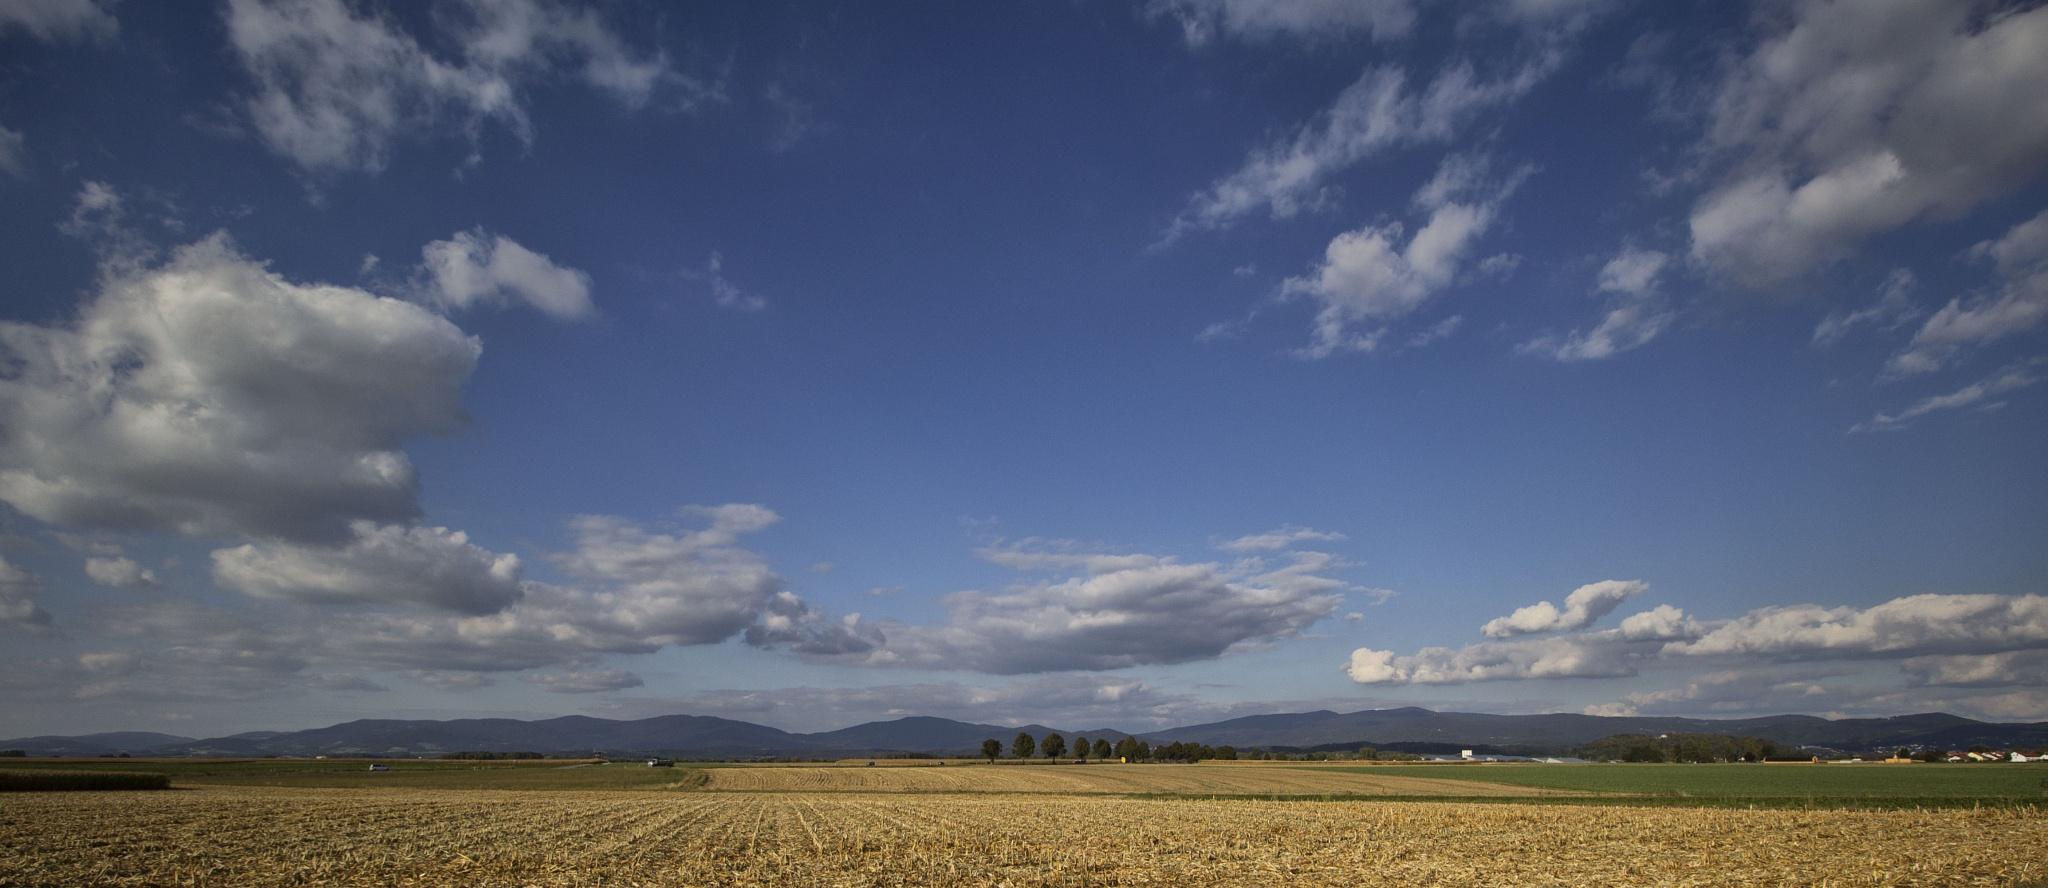 Clouds by silviatimea